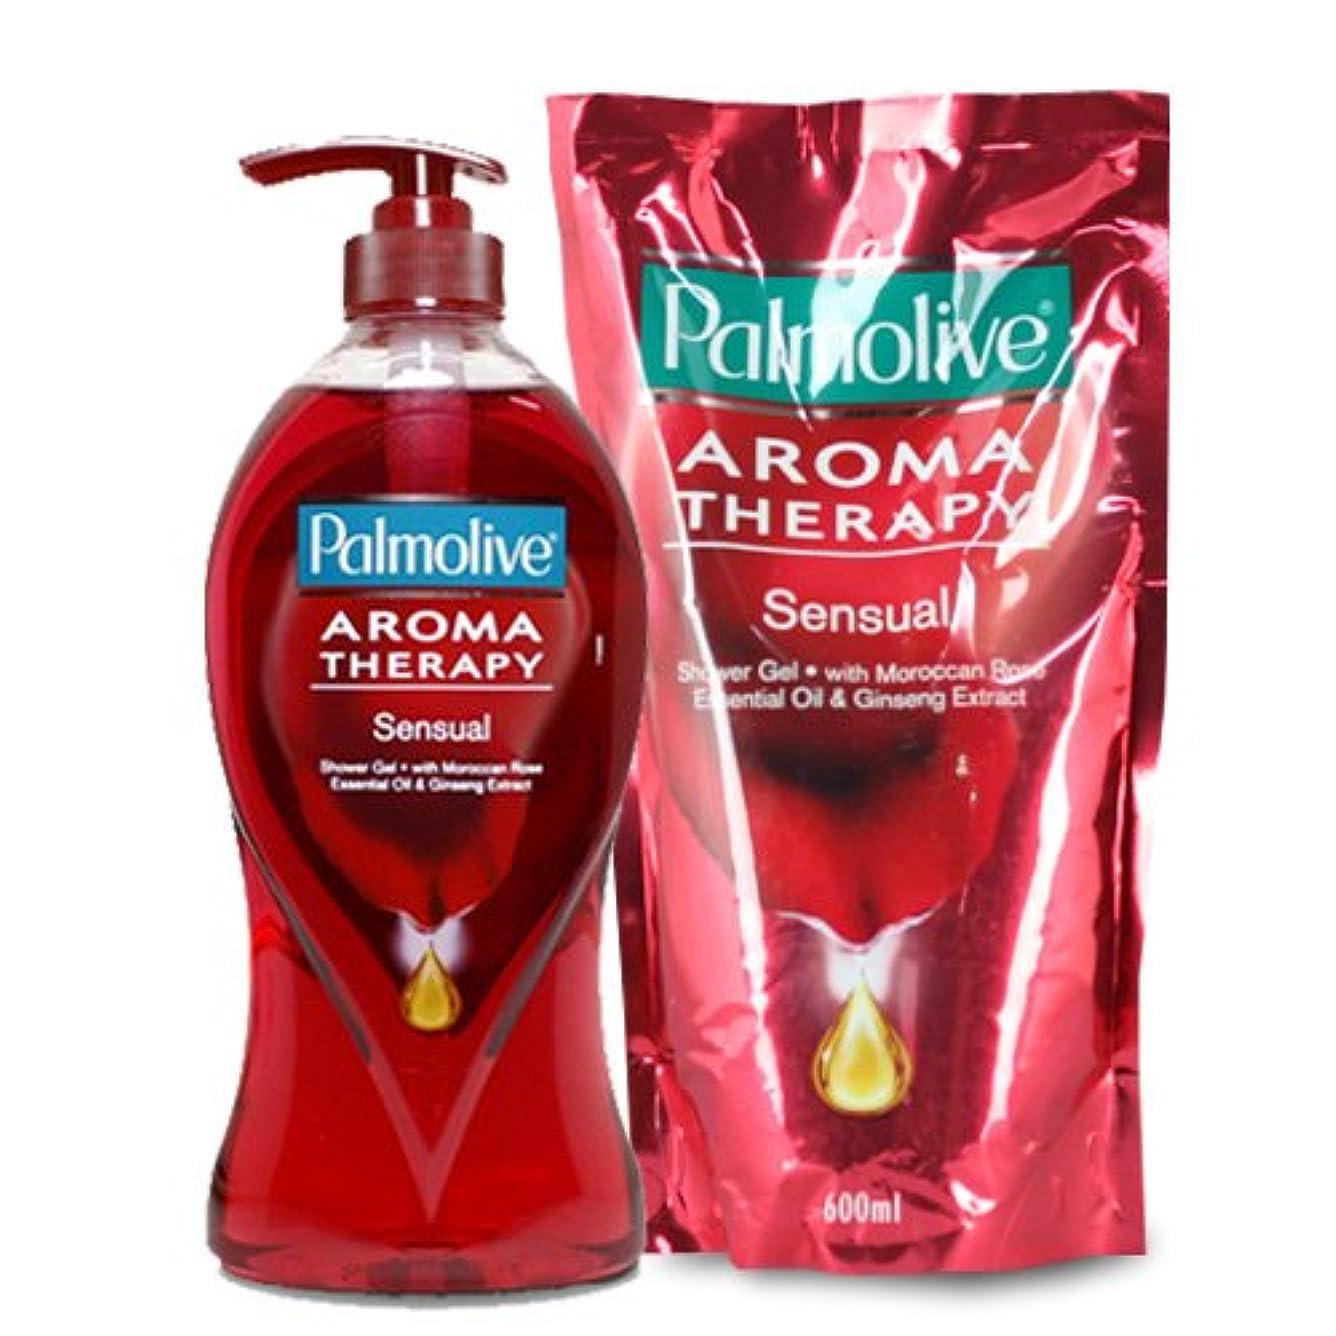 懸念ブートケージ【Palmolive】パルモリーブ アロマセラピーシャワージェル ボトルと詰め替えのセット (センシャル)